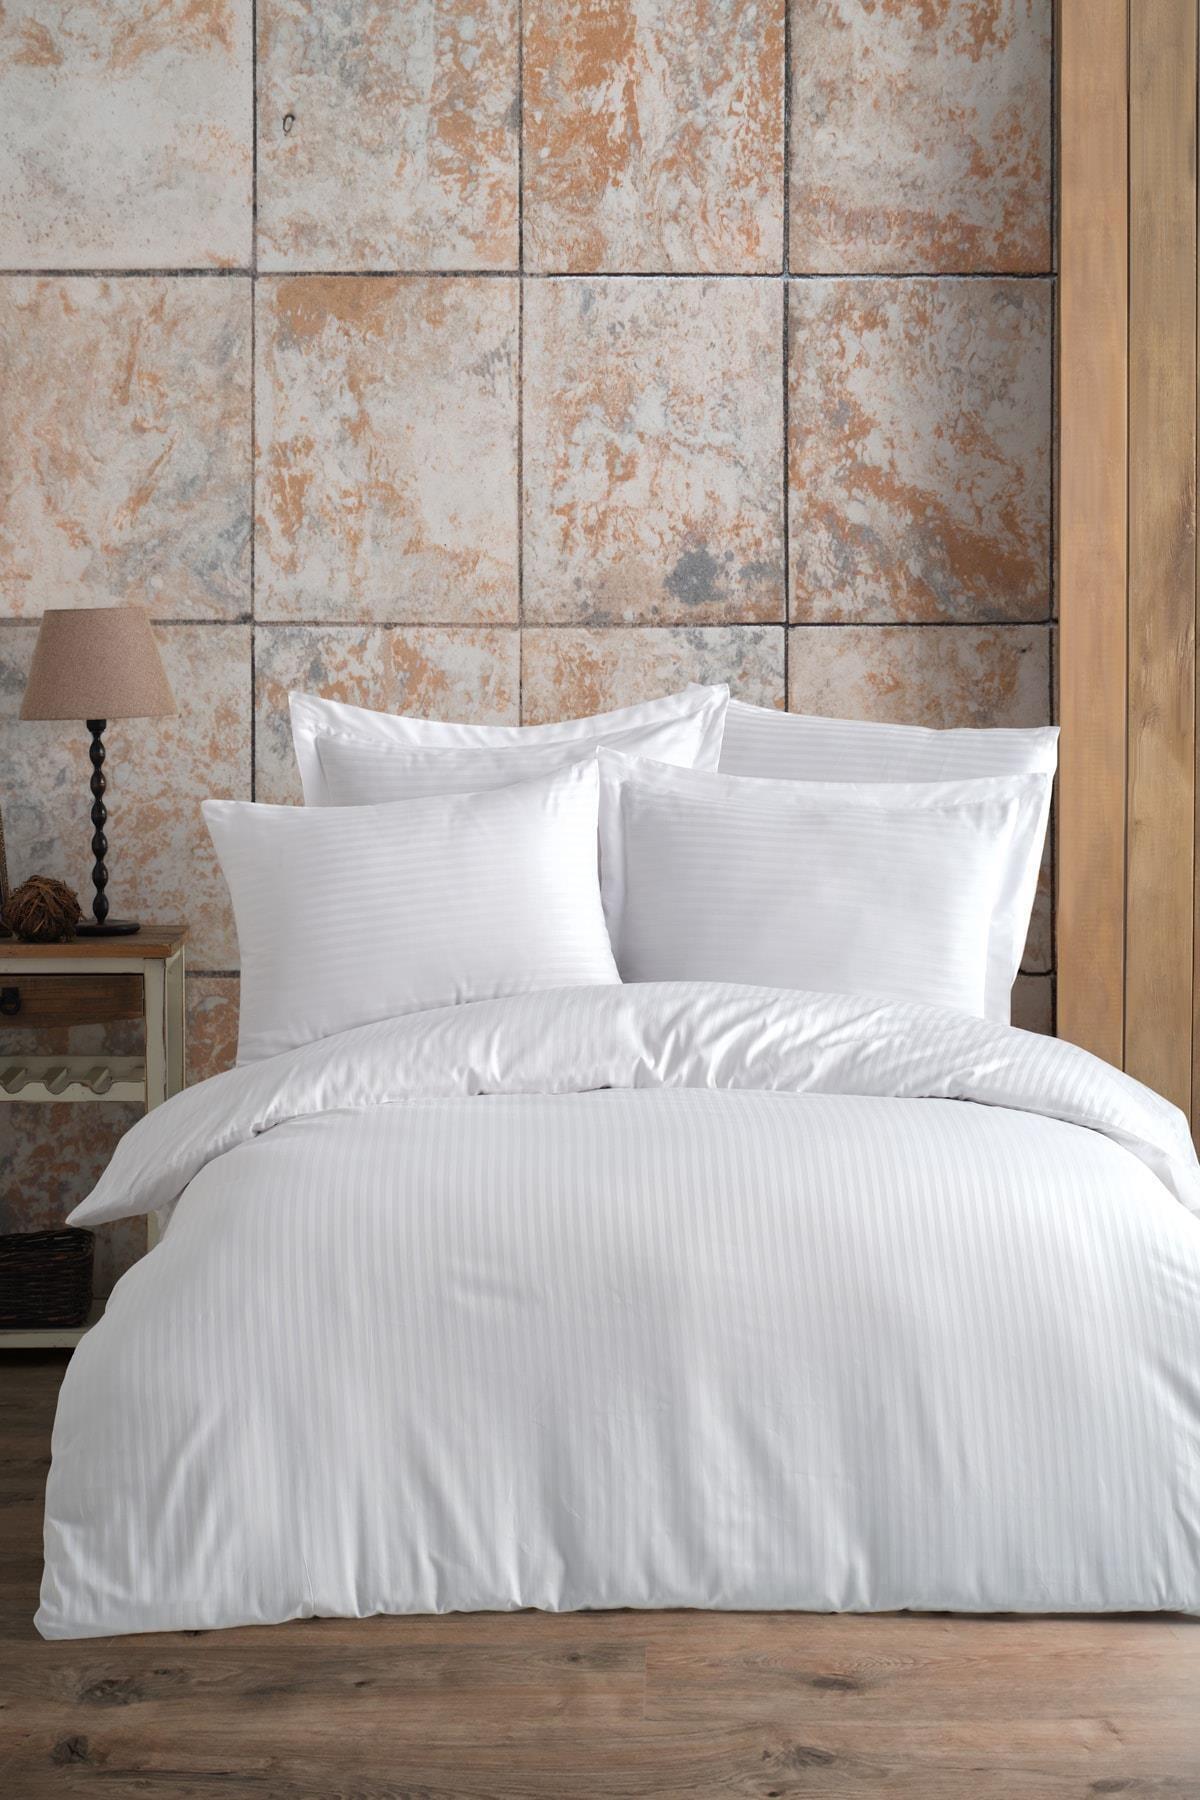 طقم ملاءة سرير ساتان مقاس كينج ، عجلة قطنية 280x290 ، أبيض